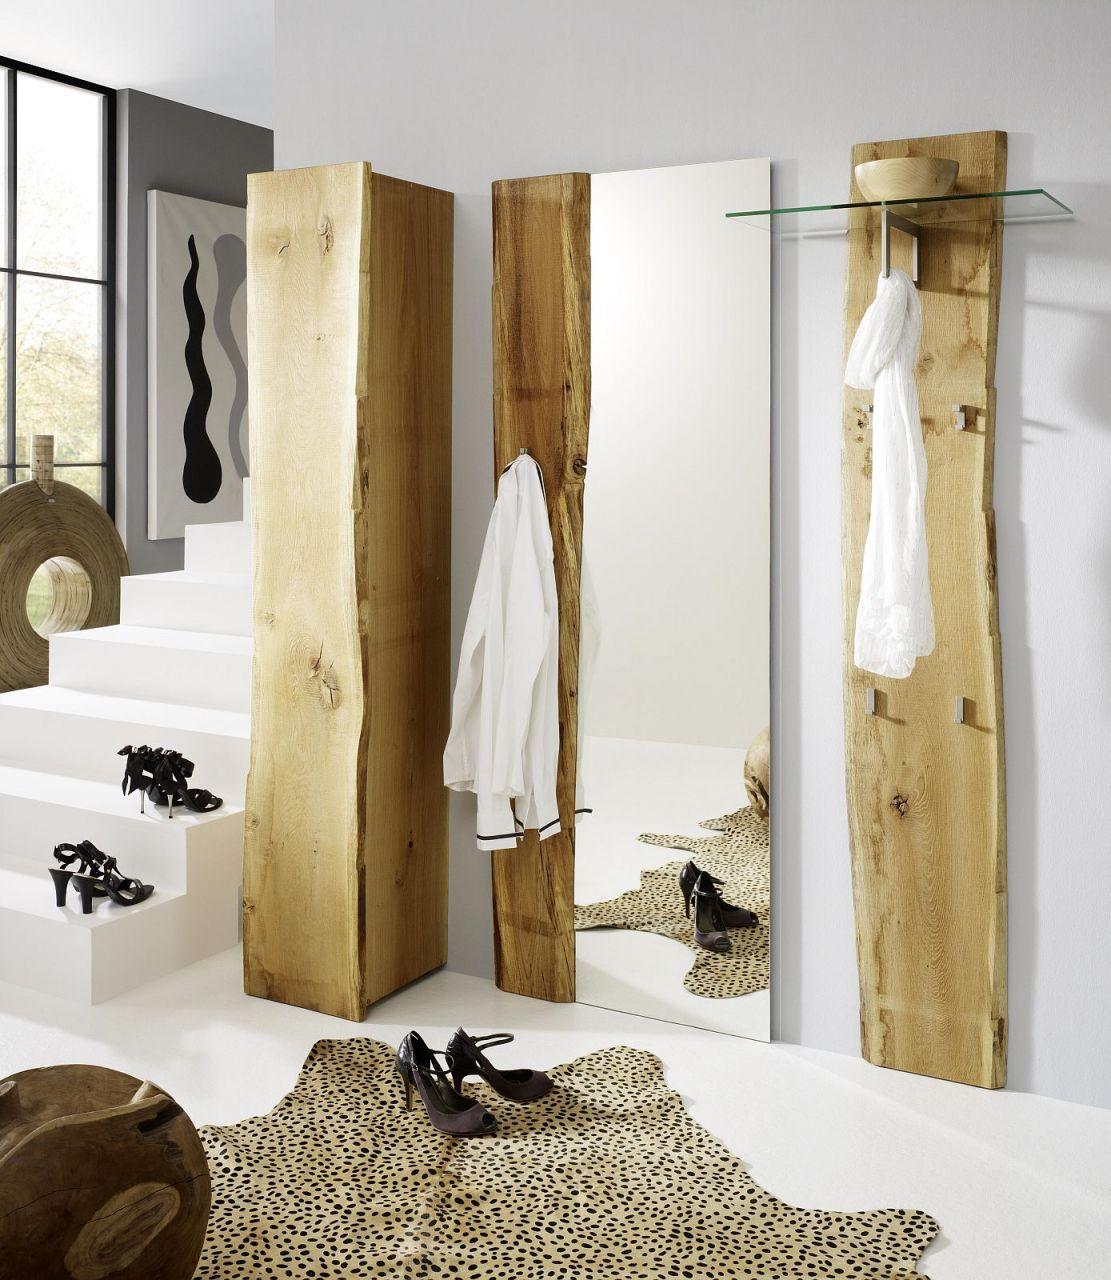 exklusives garderobenset 3-teilig garderobe landhausstil eiche